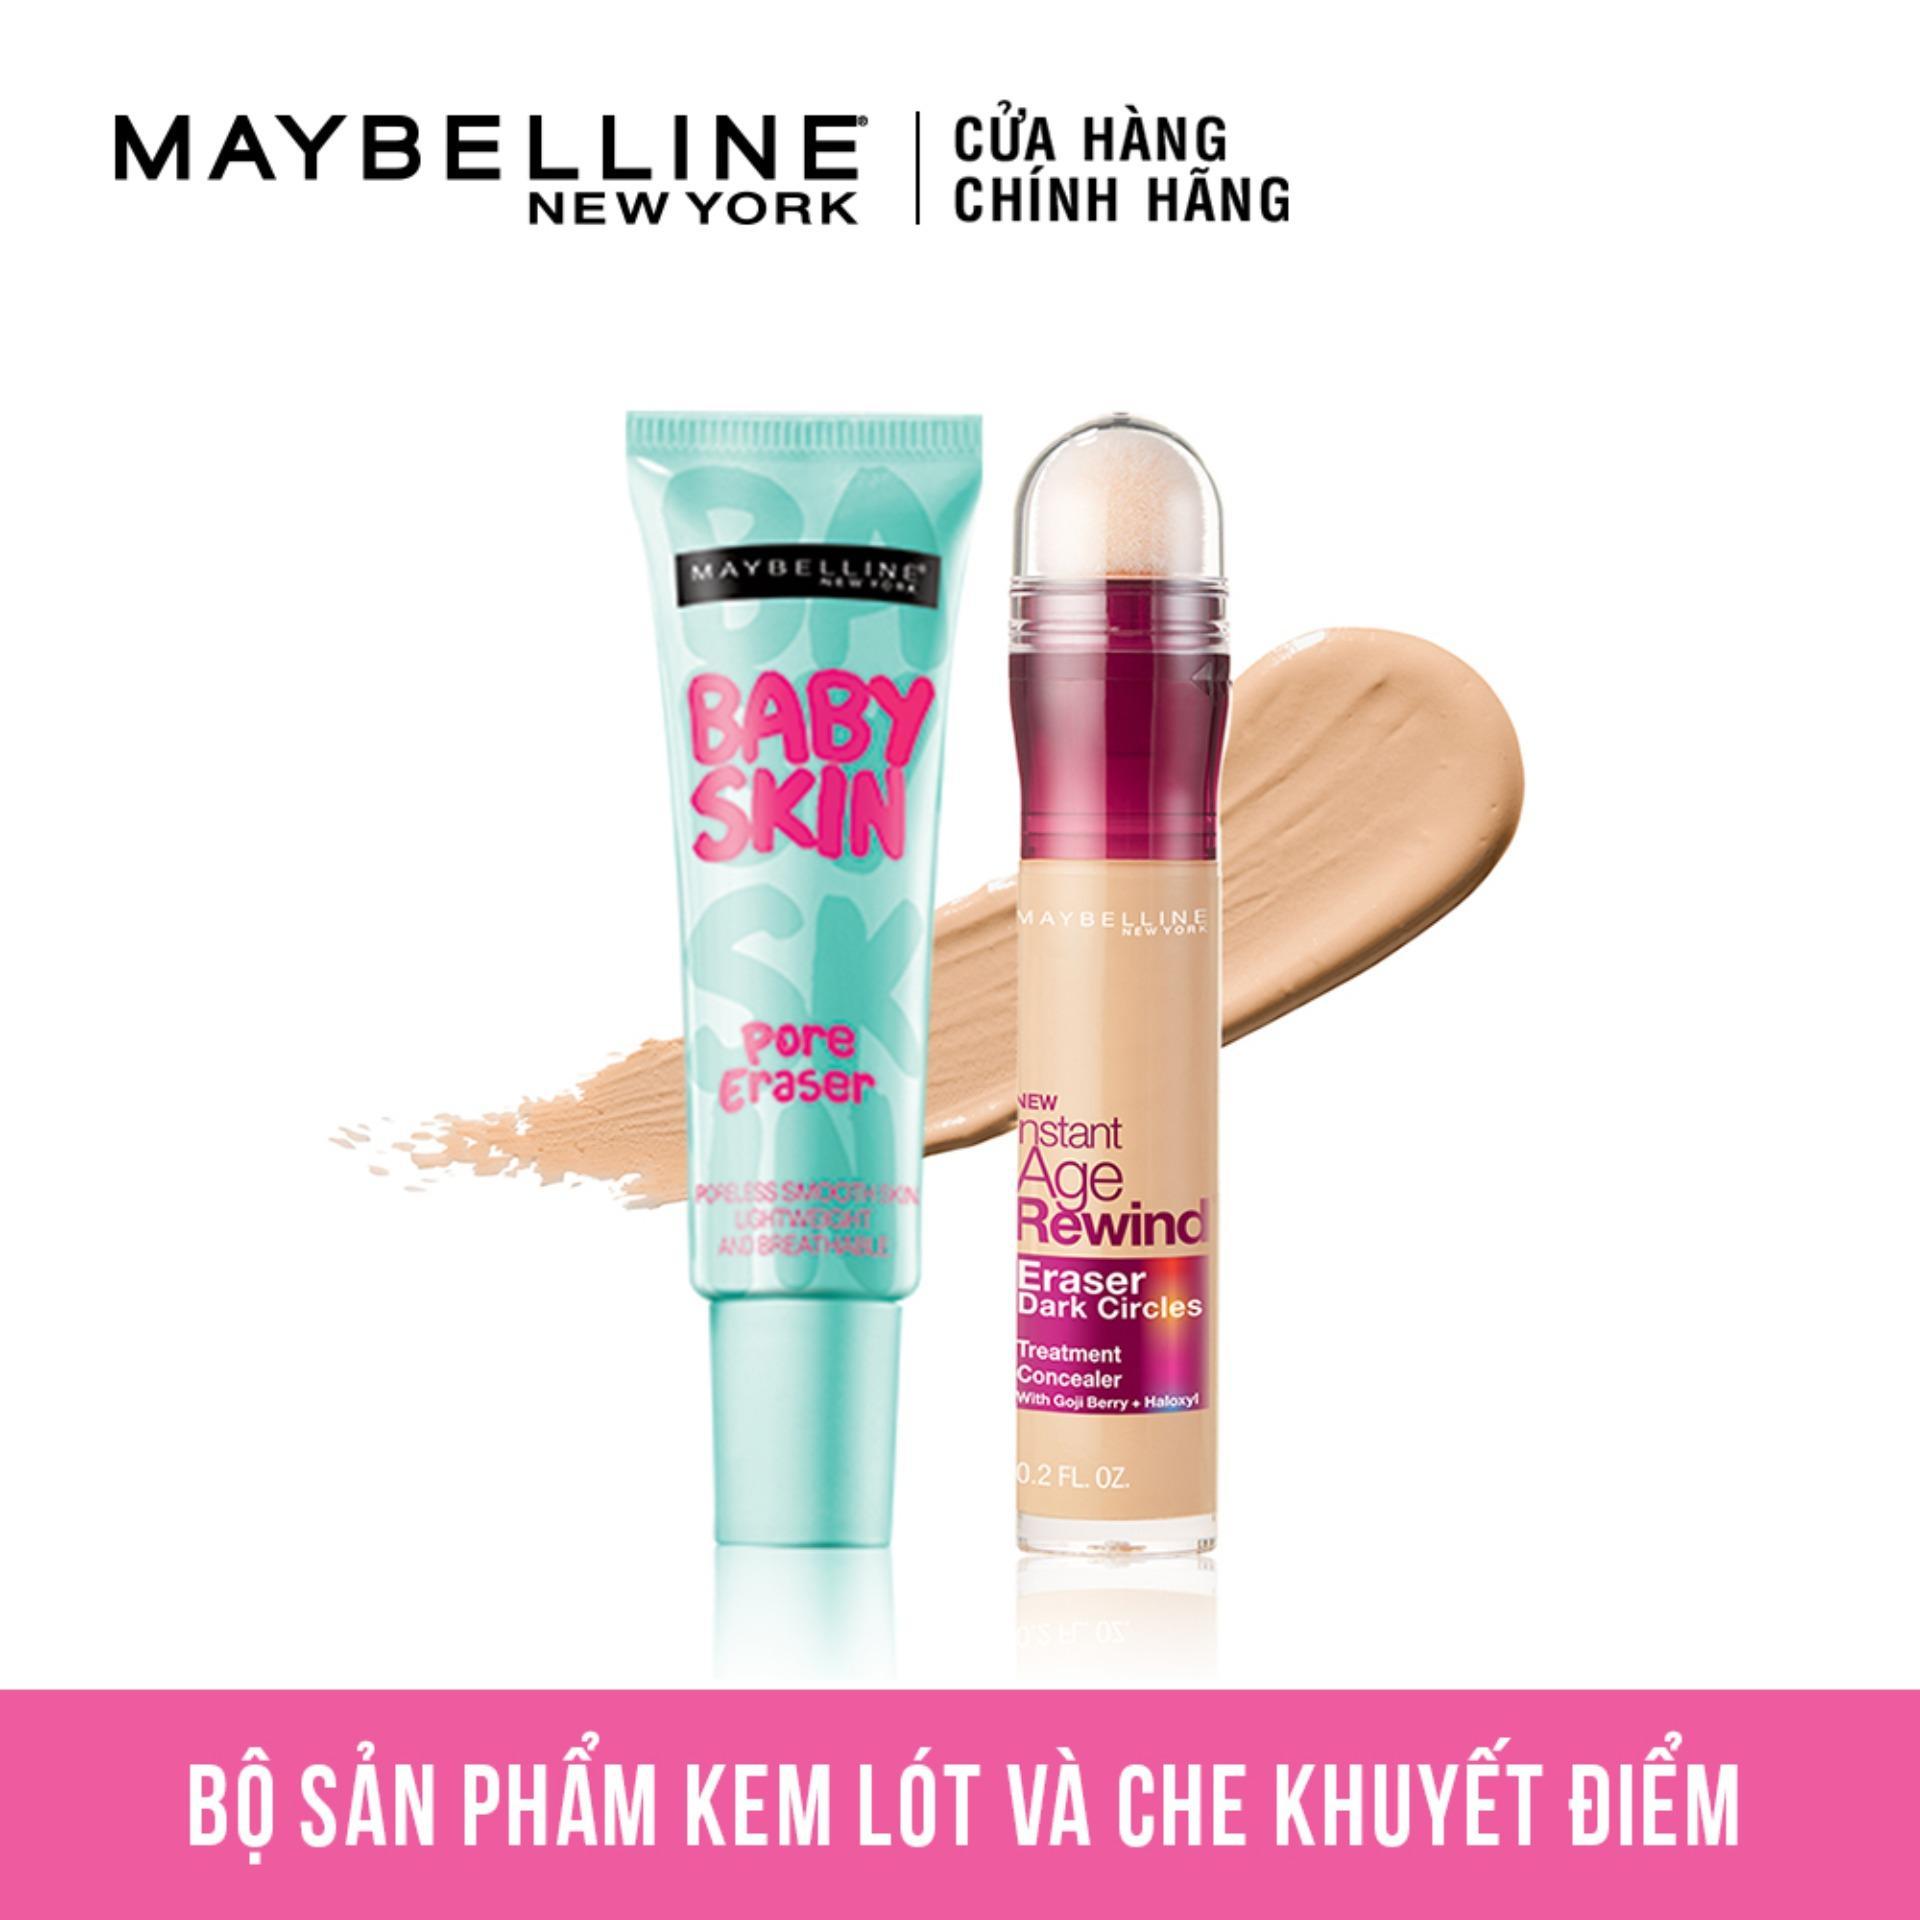 Bộ đôi Kem lót mịn da Baby Skin + Bút Che Khuyết Điểm Instant Age Rewind Maybelline New York (Tông sáng) nhập khẩu